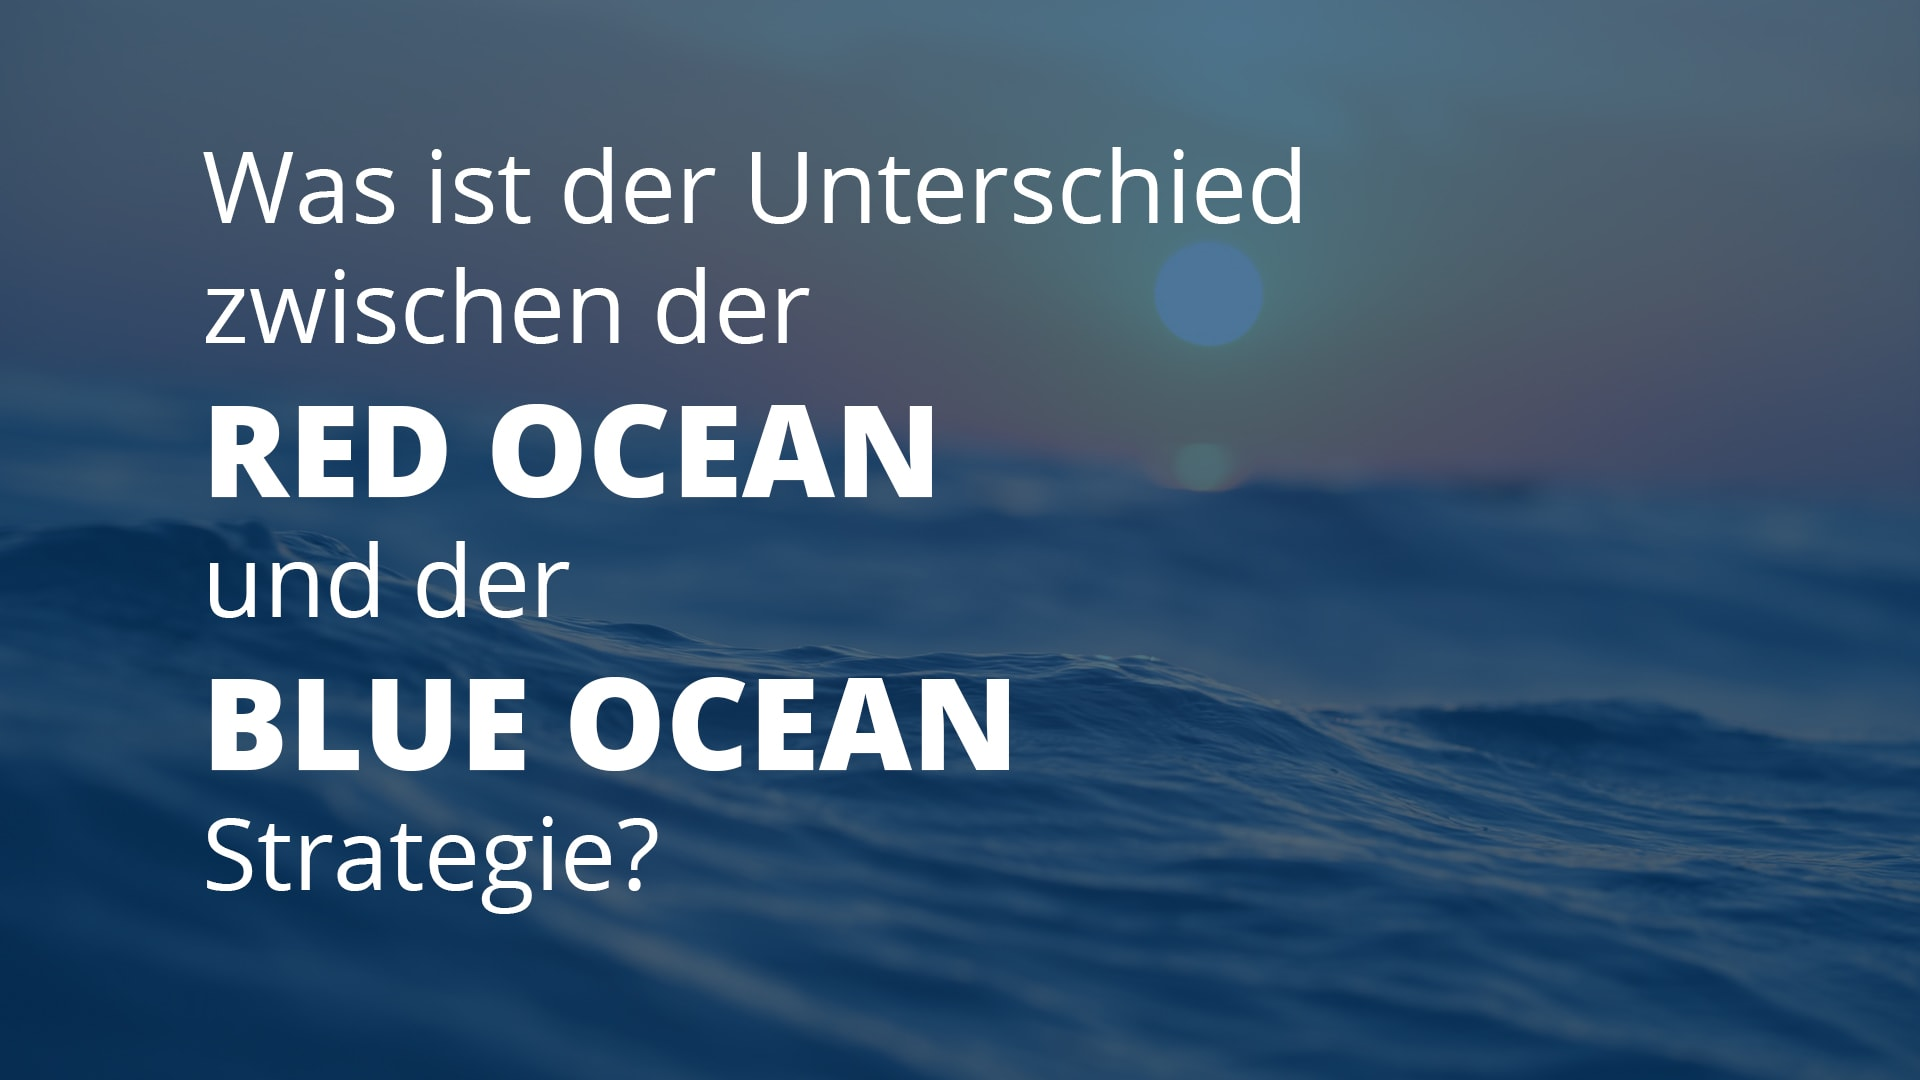 Blue Ocean Gewinnspiel